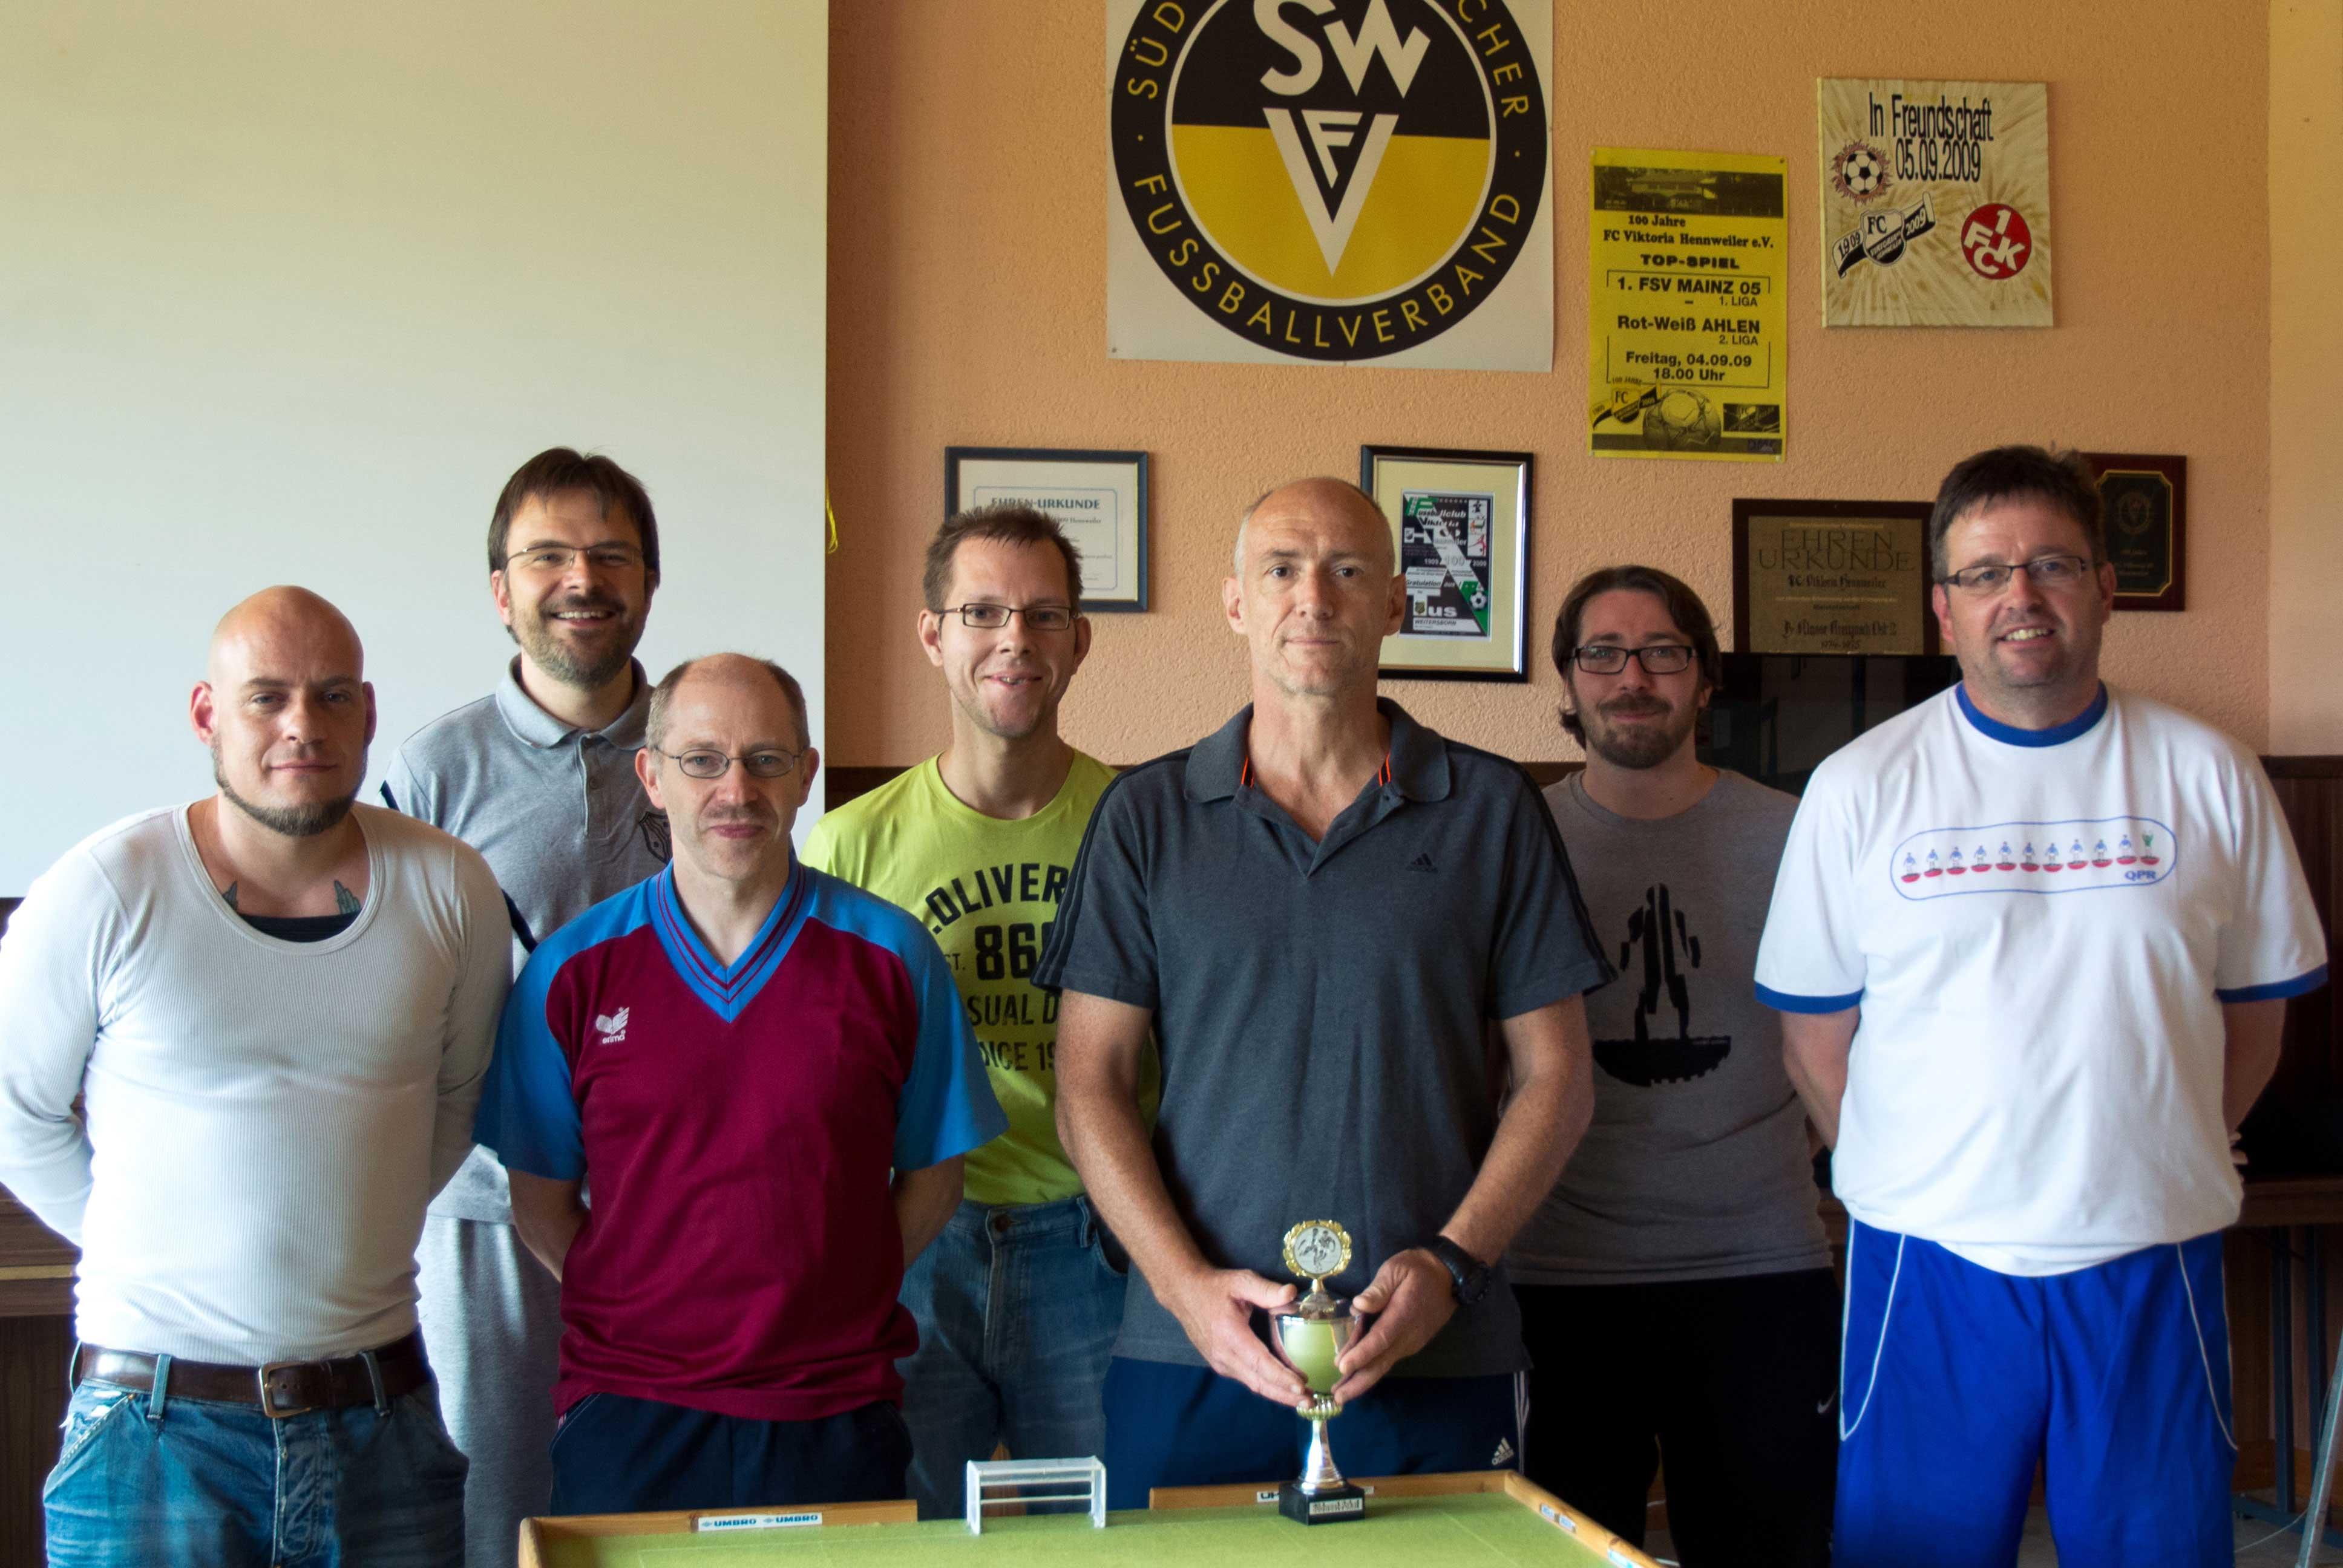 Die Teilnehmer (v. l.): Uli       Euler, Stephan Thiele, Rainer Vogt, Michael Beifuß, Thomas       Winkler, Marc Reitz, Rainer Scheurer